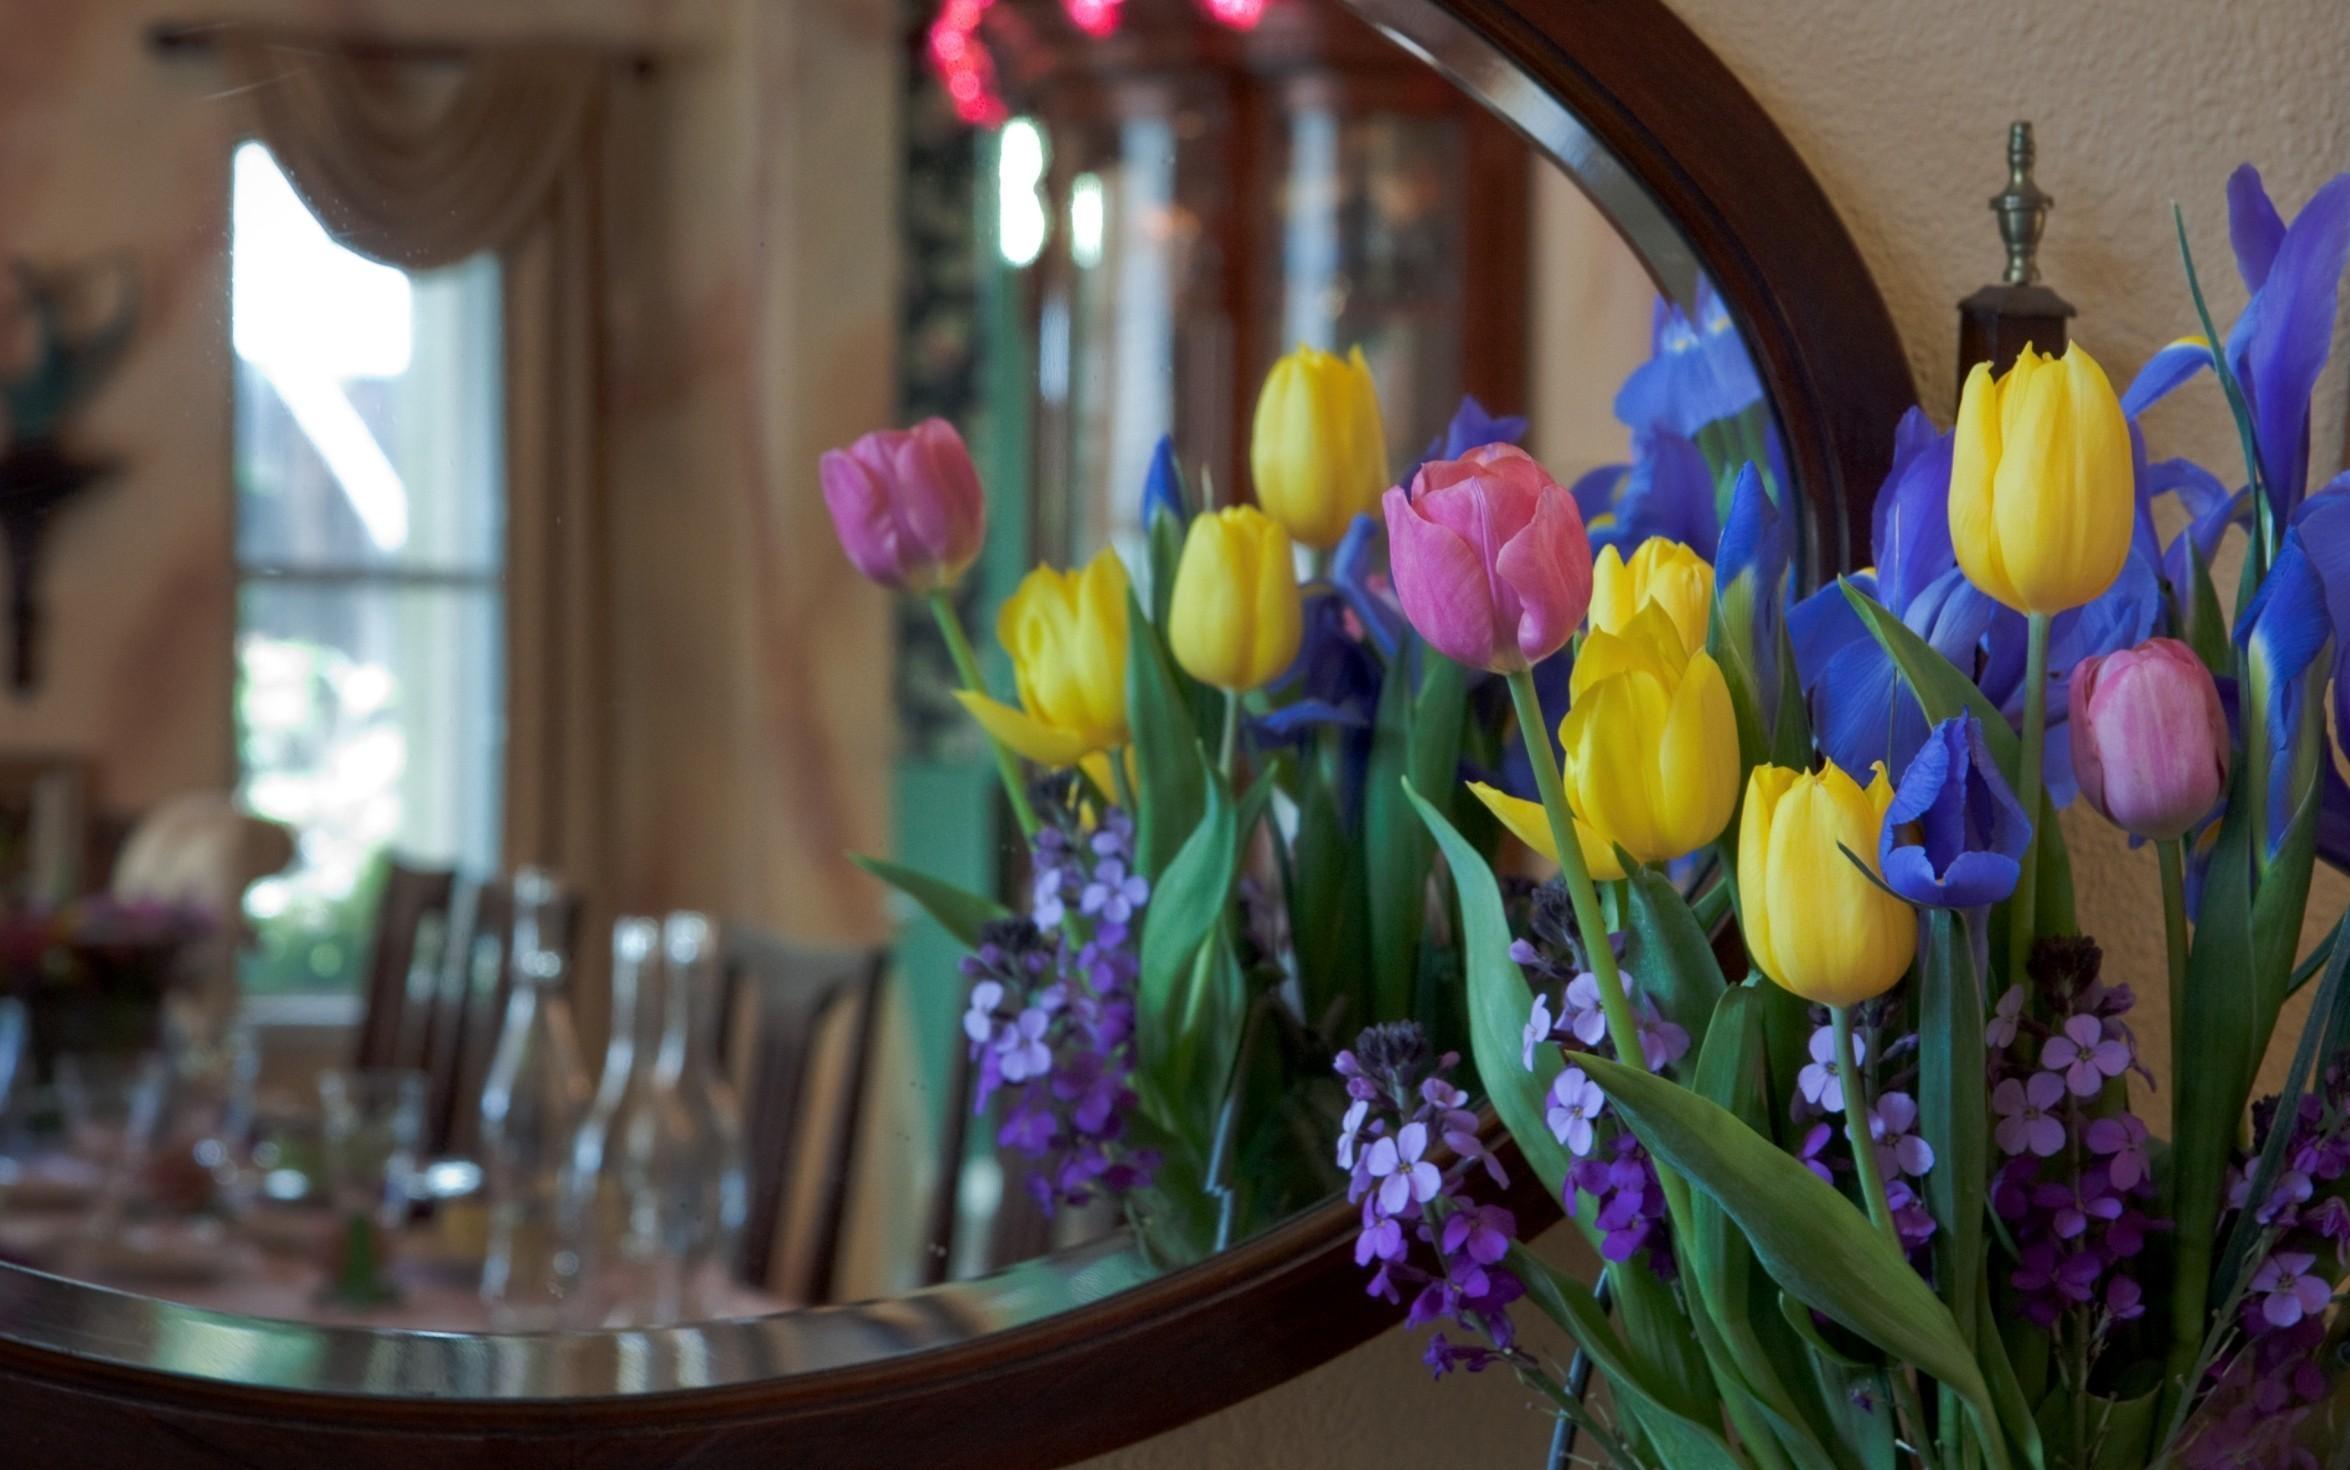 127858 descargar fondo de pantalla Flores, Lirios, Iris, Mattoila, Ramo, Espejo, Reflexión, Tulipanes: protectores de pantalla e imágenes gratis